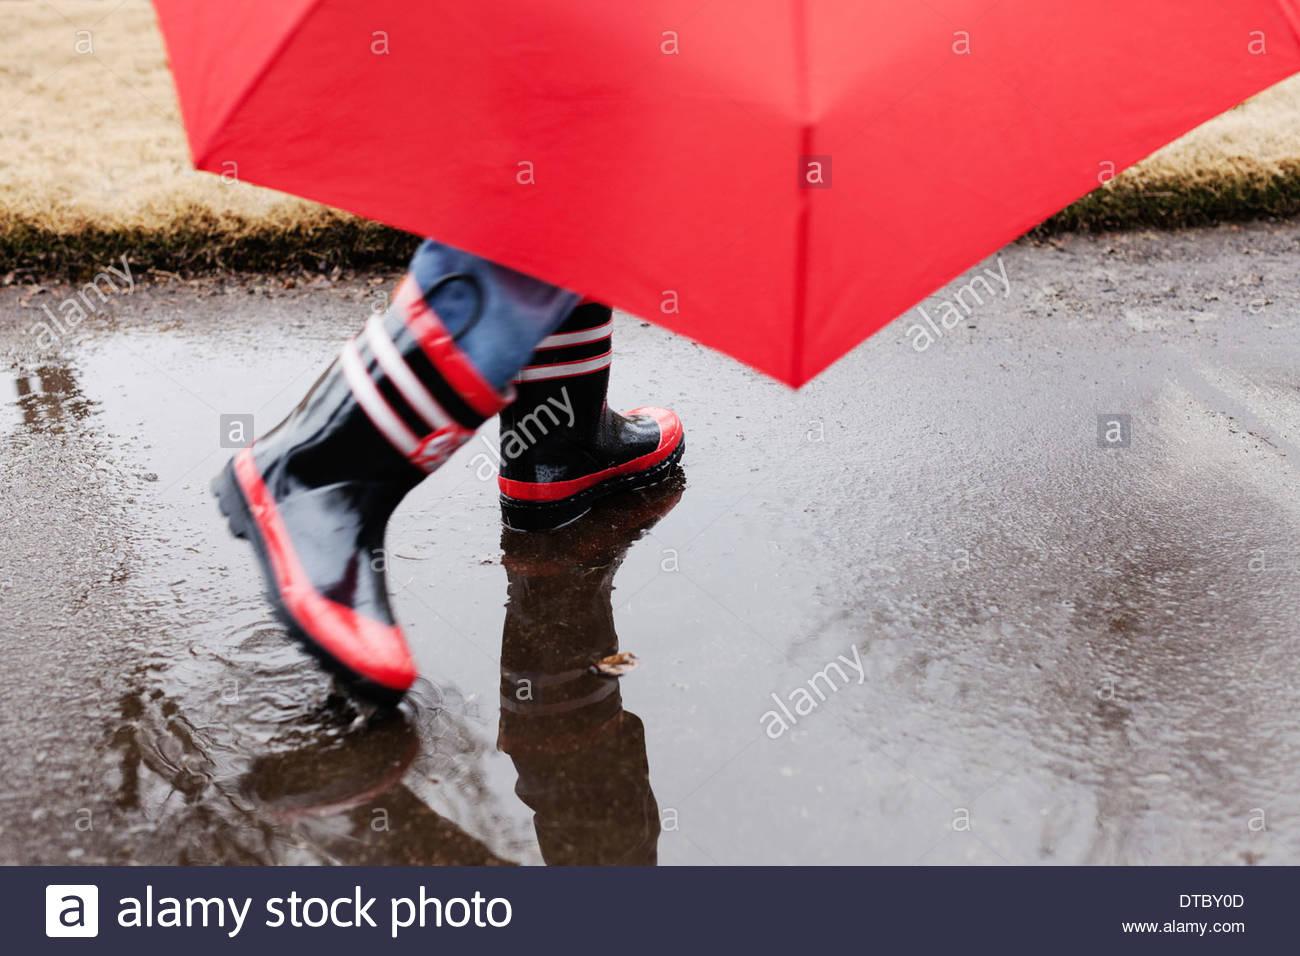 Gummistiefel und Regenschirm Stockbild